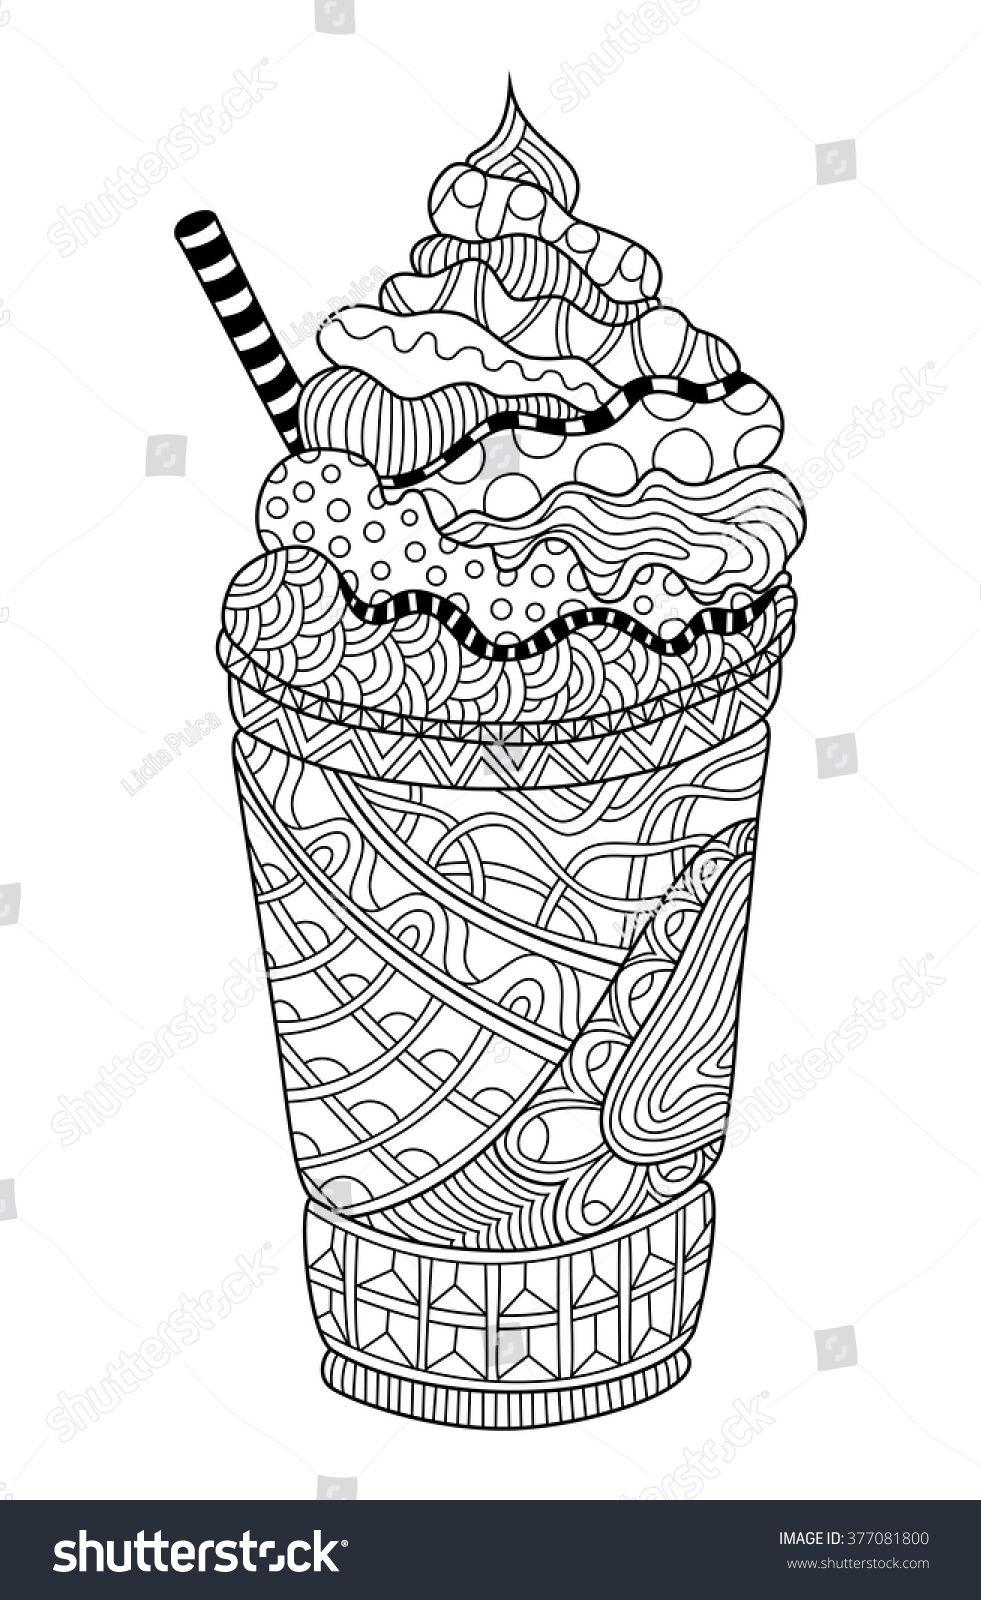 Latte Coloring Book Illustration #sponsored , #spon